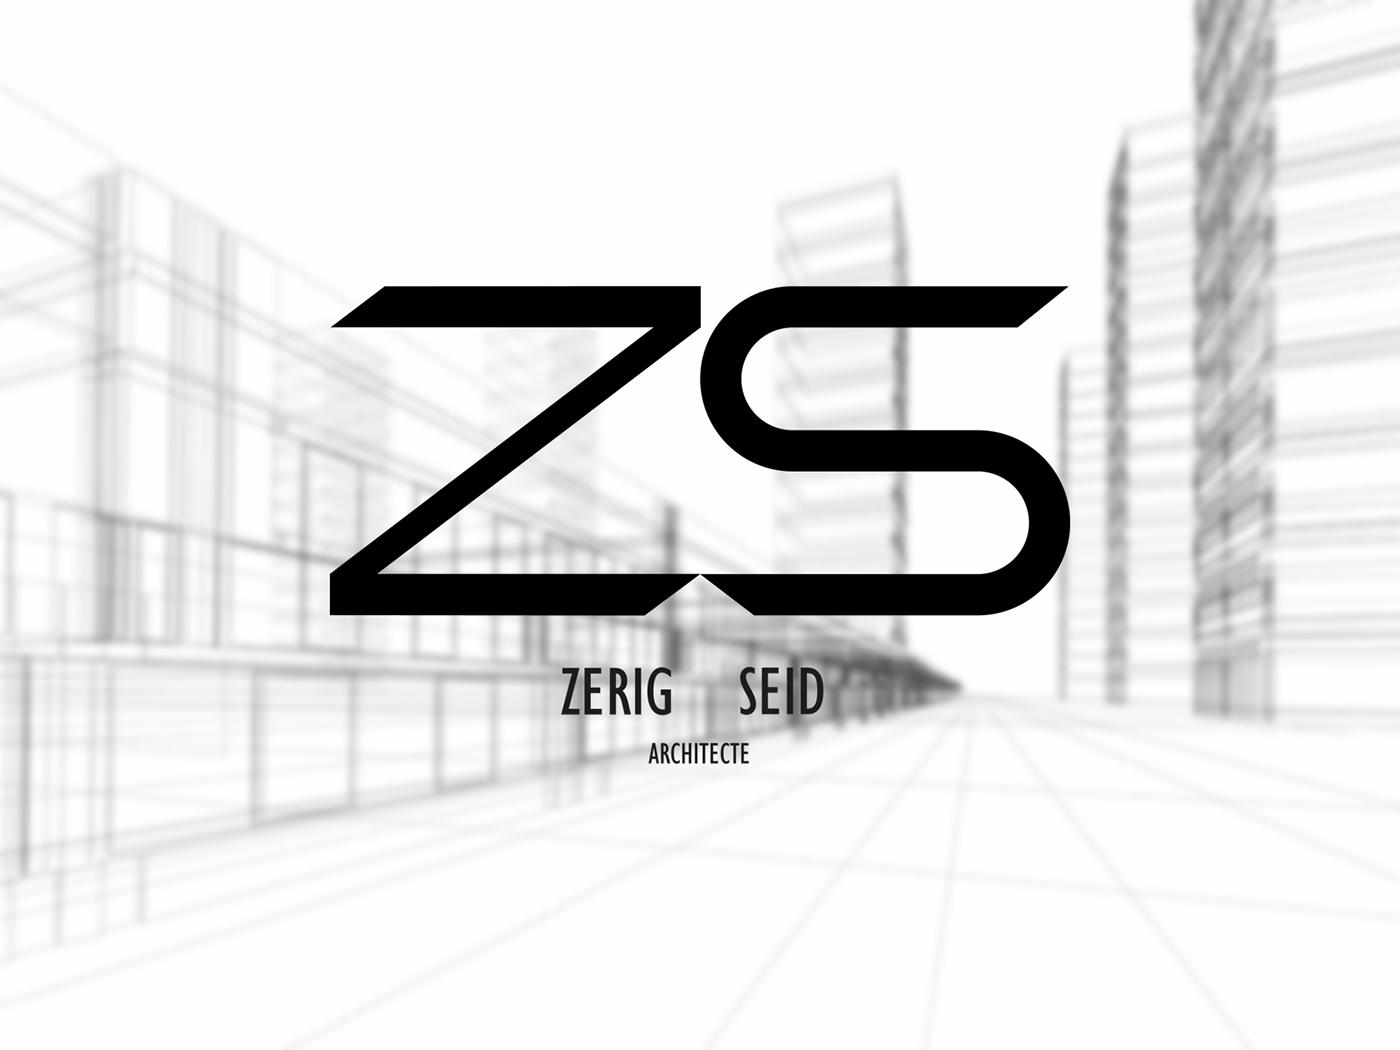 Bureau d étude zerig seid on behance